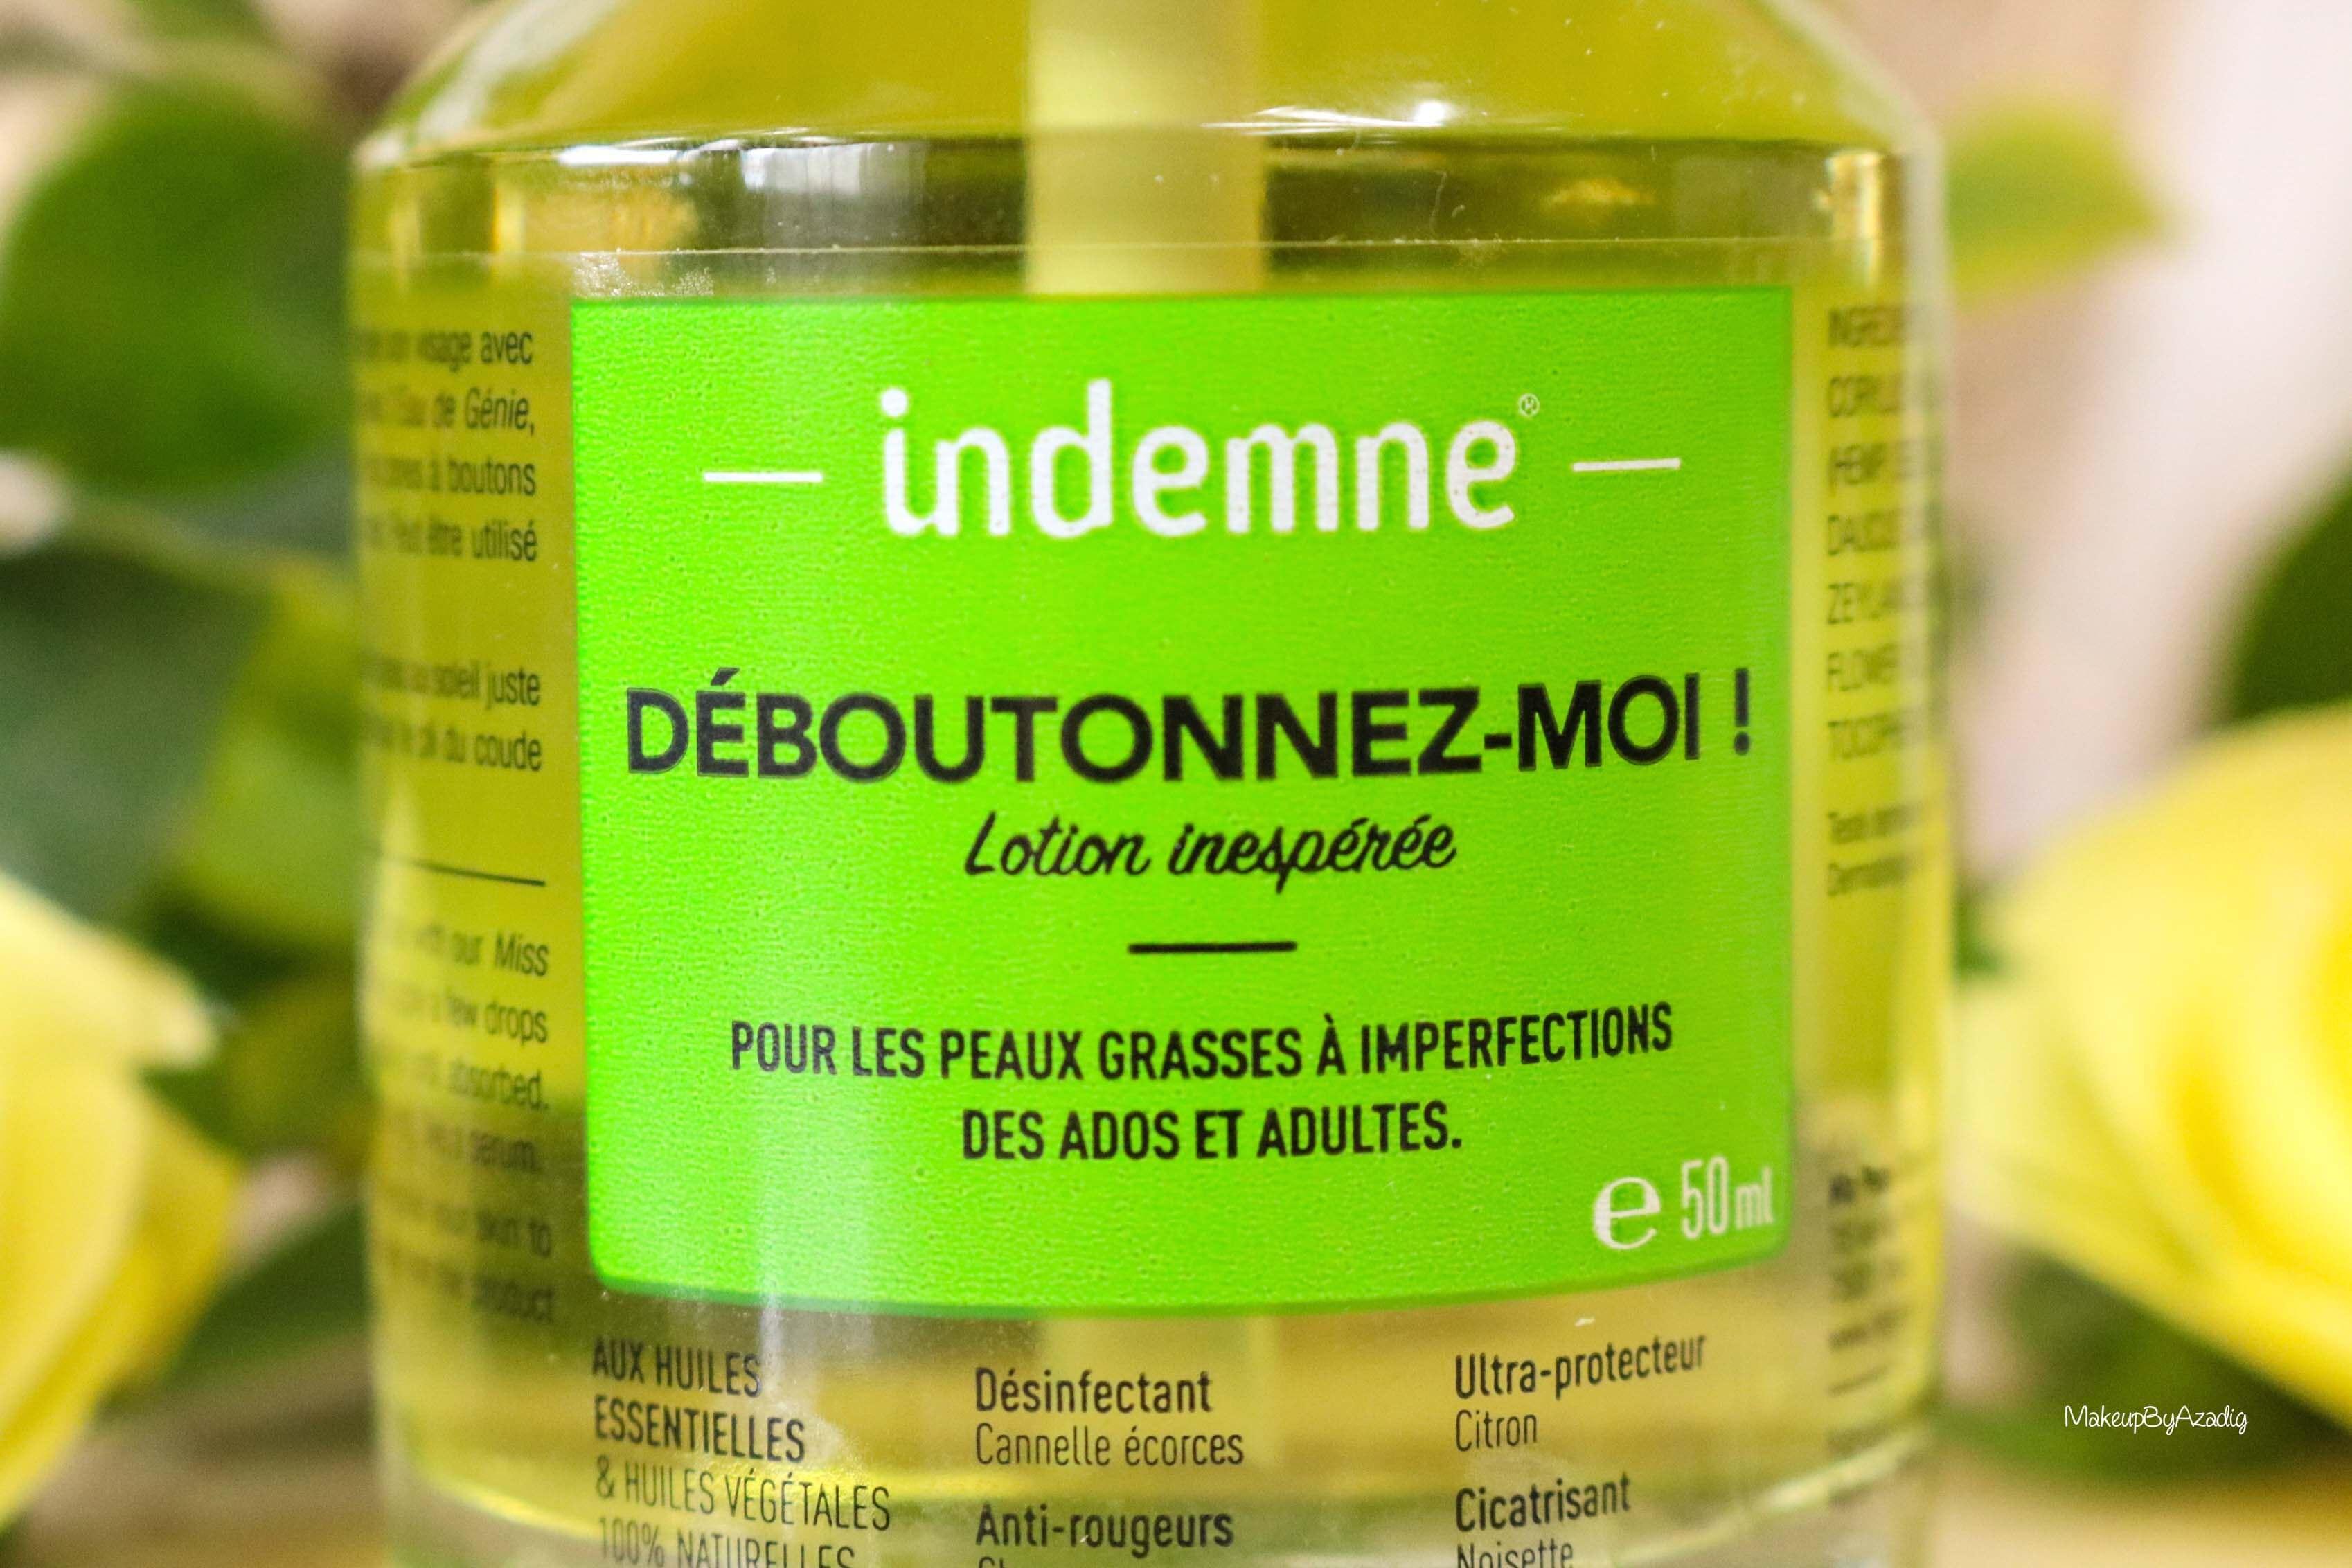 revue-deboutonnez-moi-indemne-produit-acnee-bio-huiles-parapharmacie-prix-avis-makeupbyazadig-imperfections